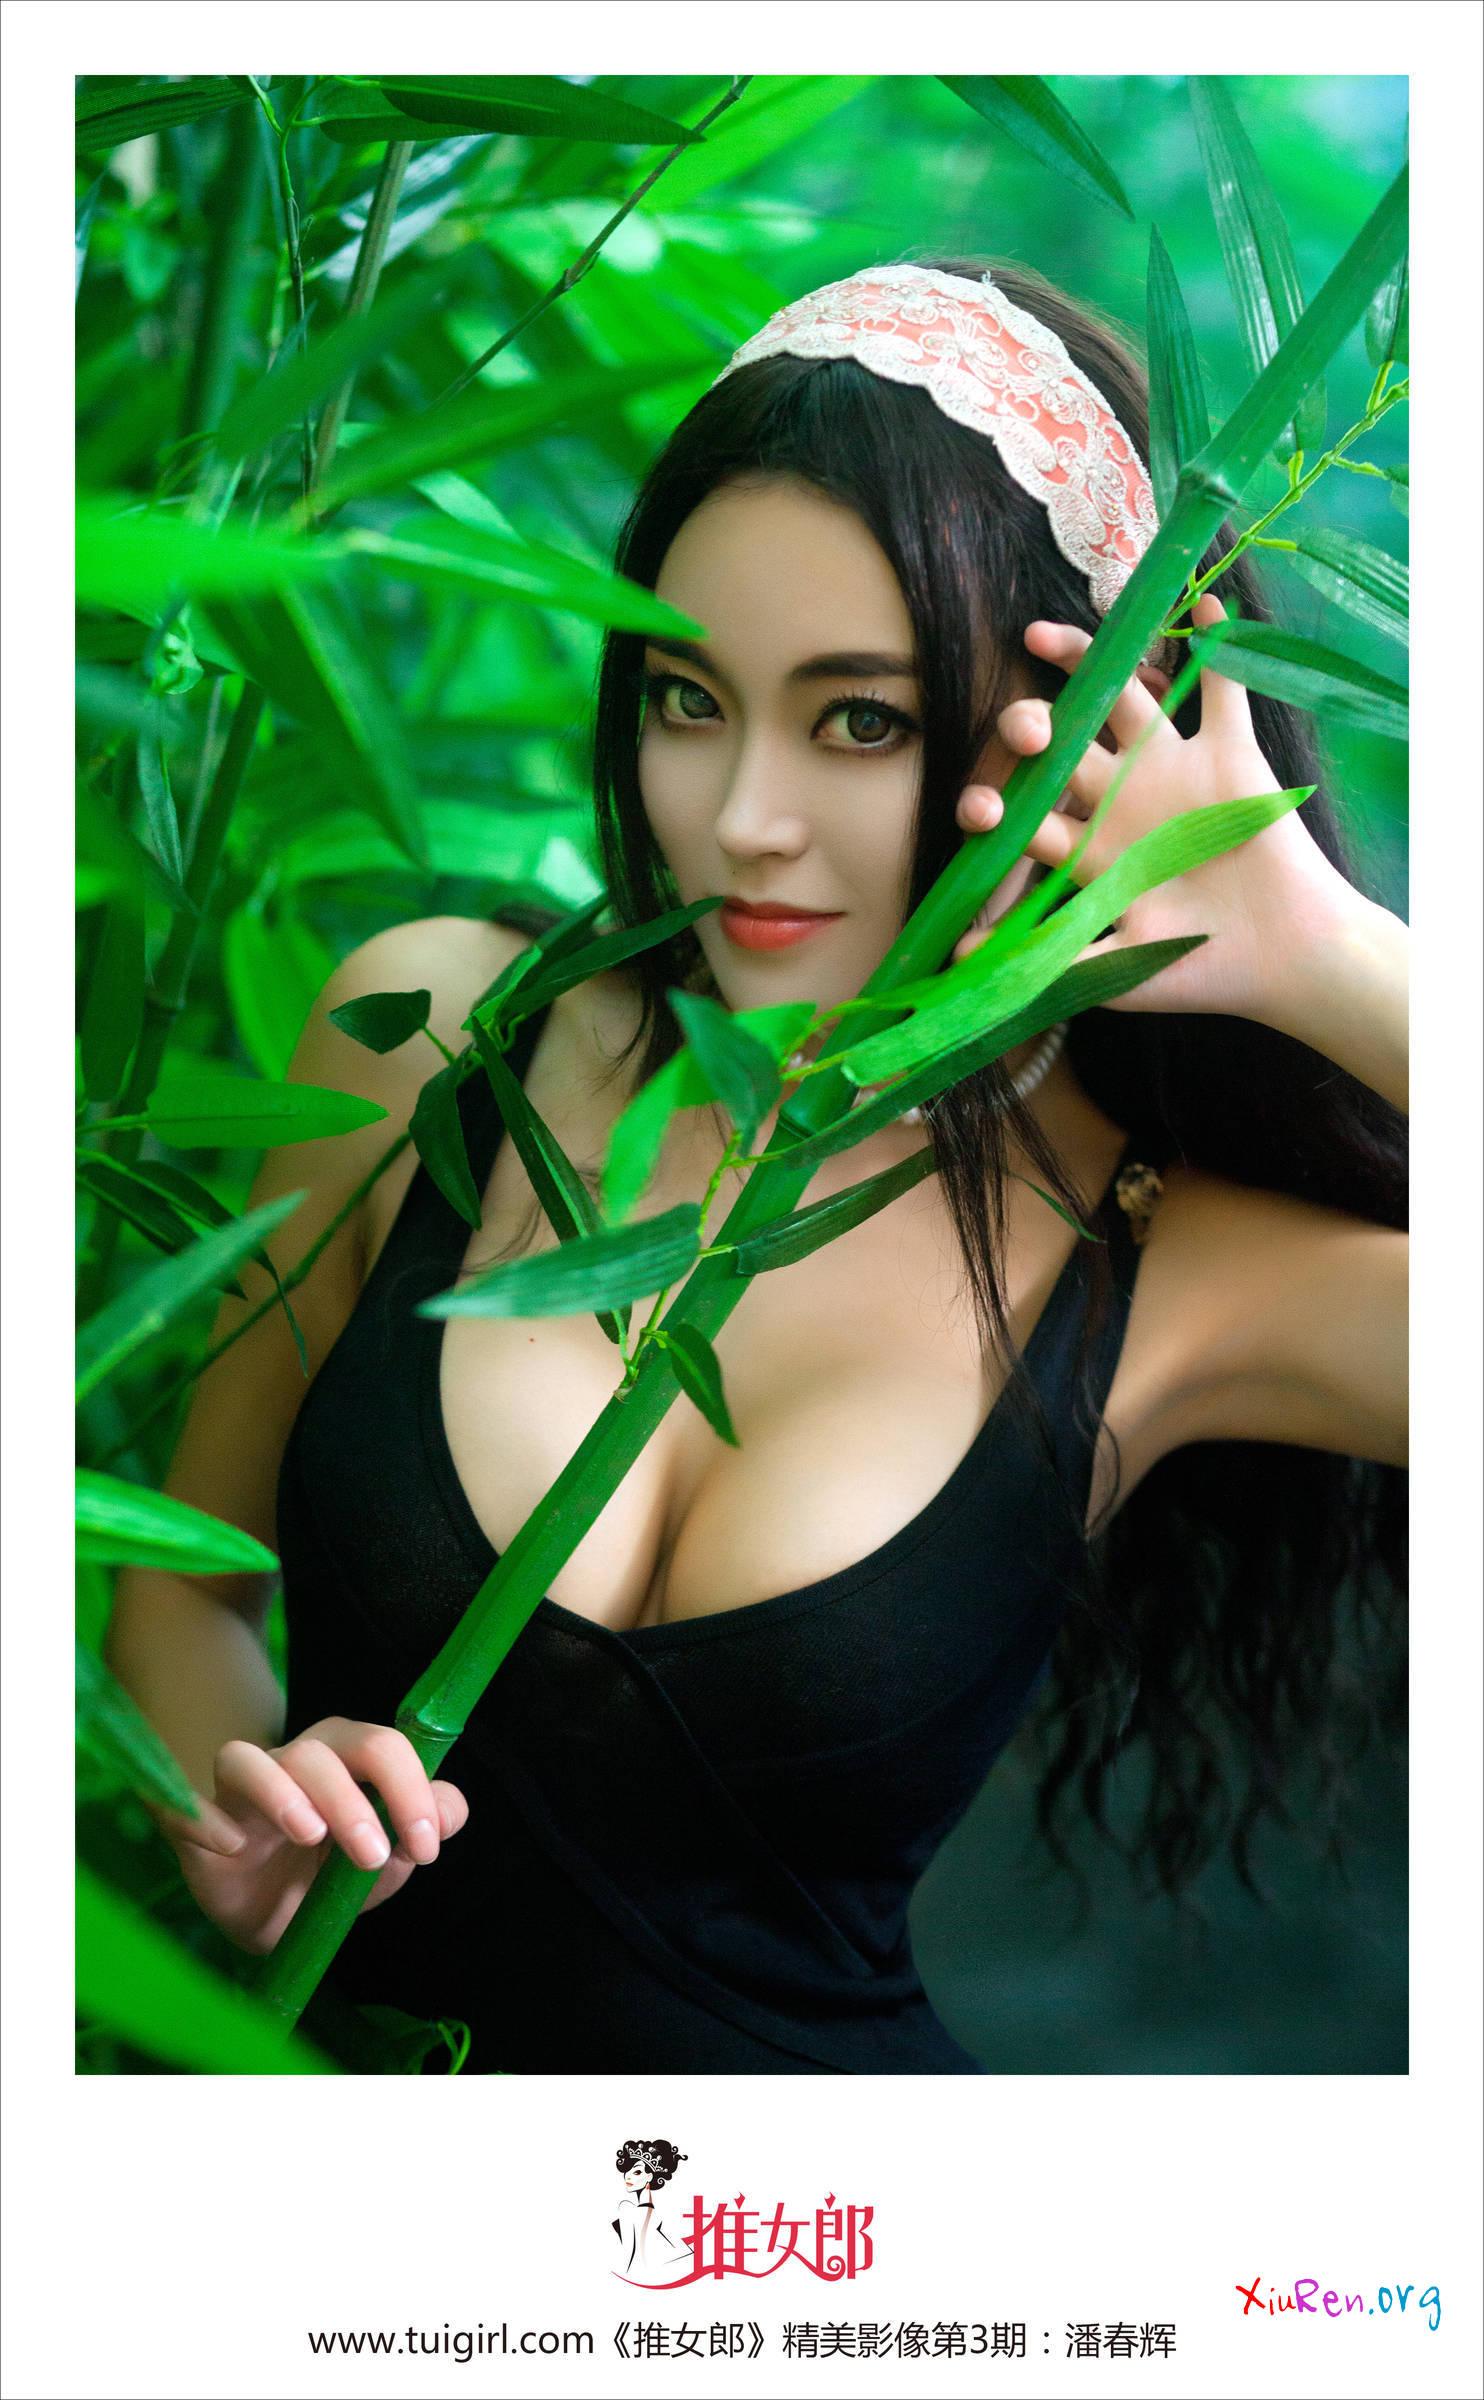 tuigirl-003-panchunhui-11.jpg